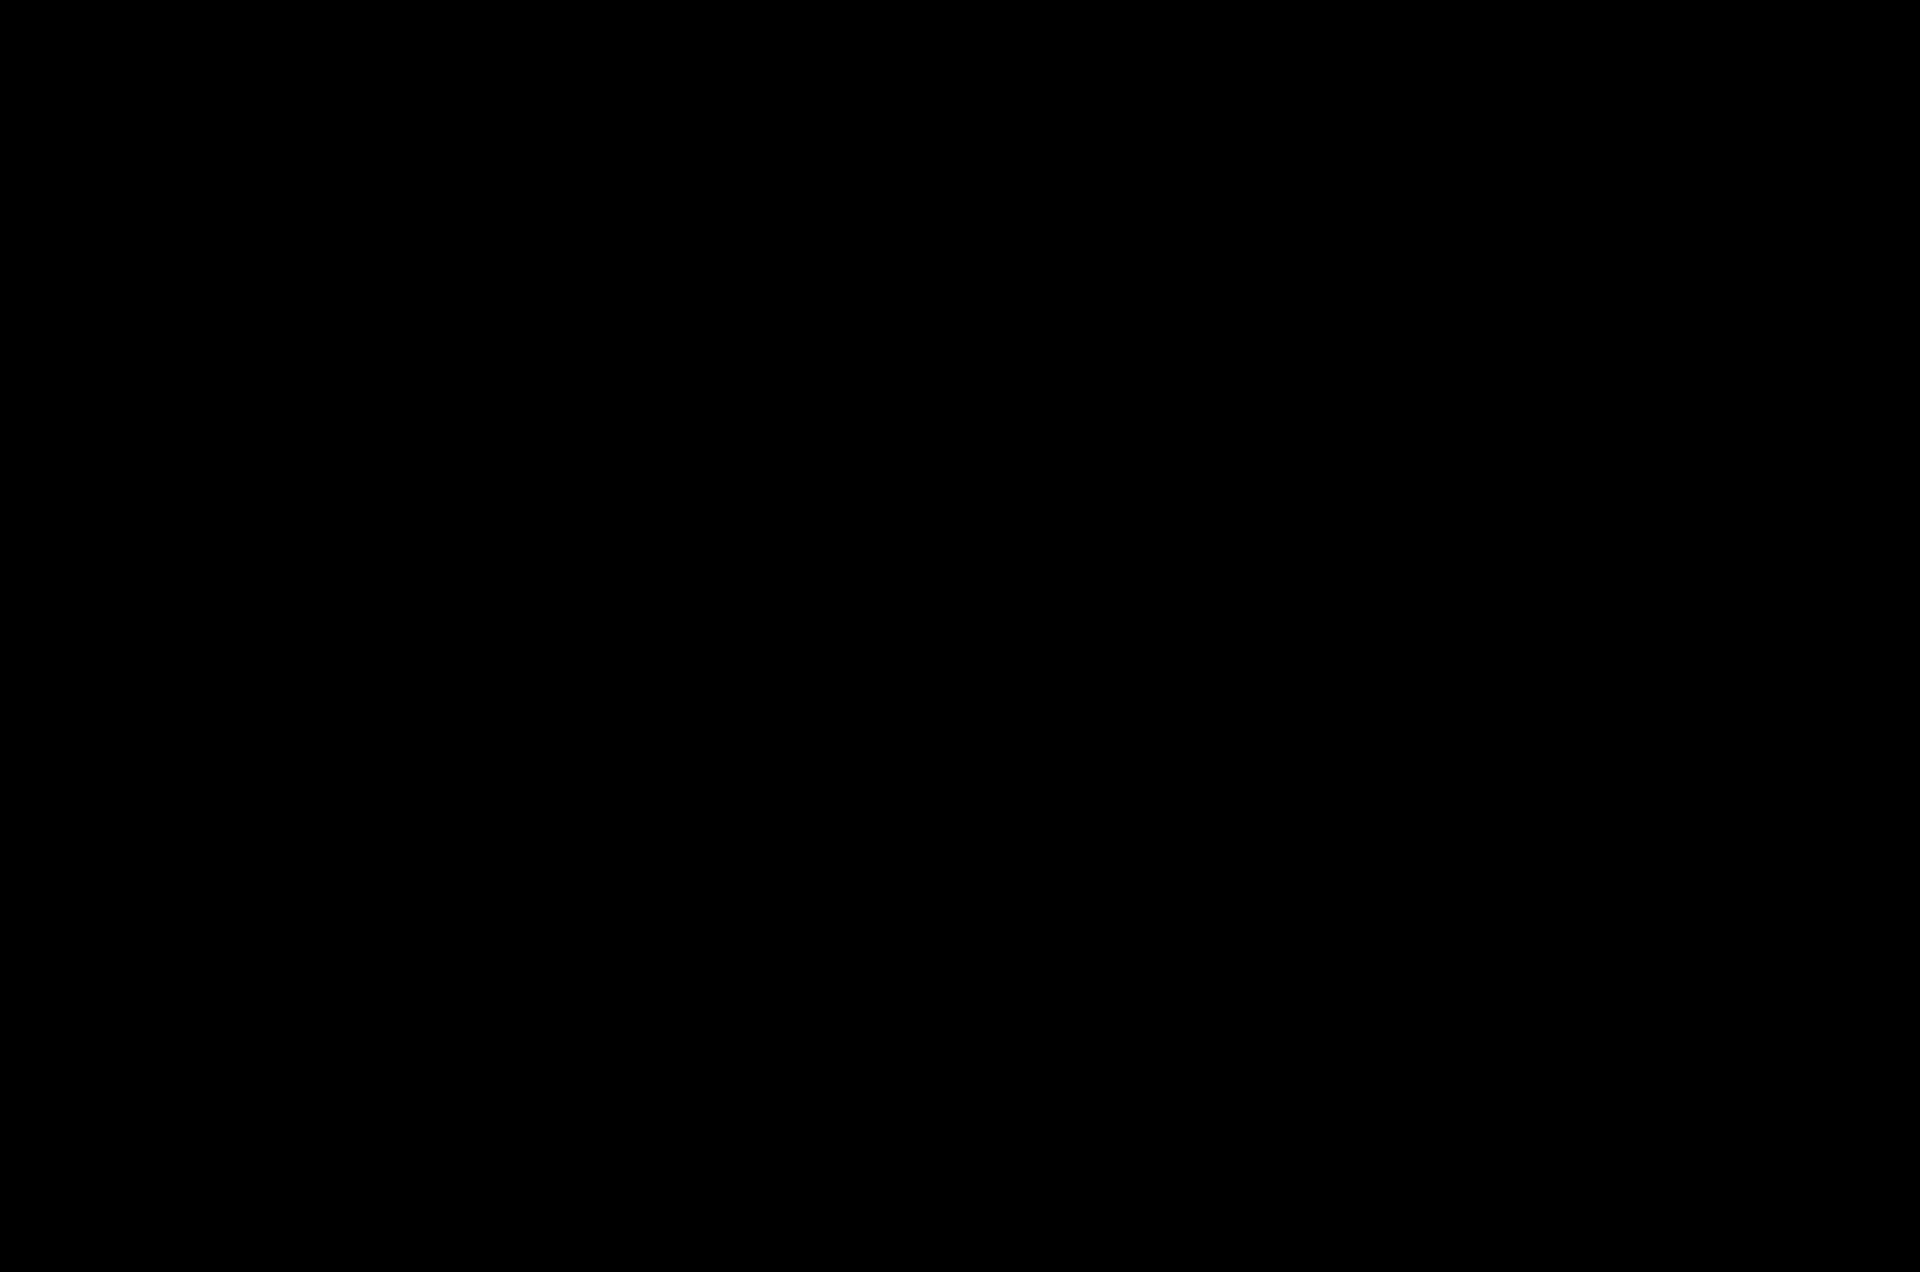 hlg_2967